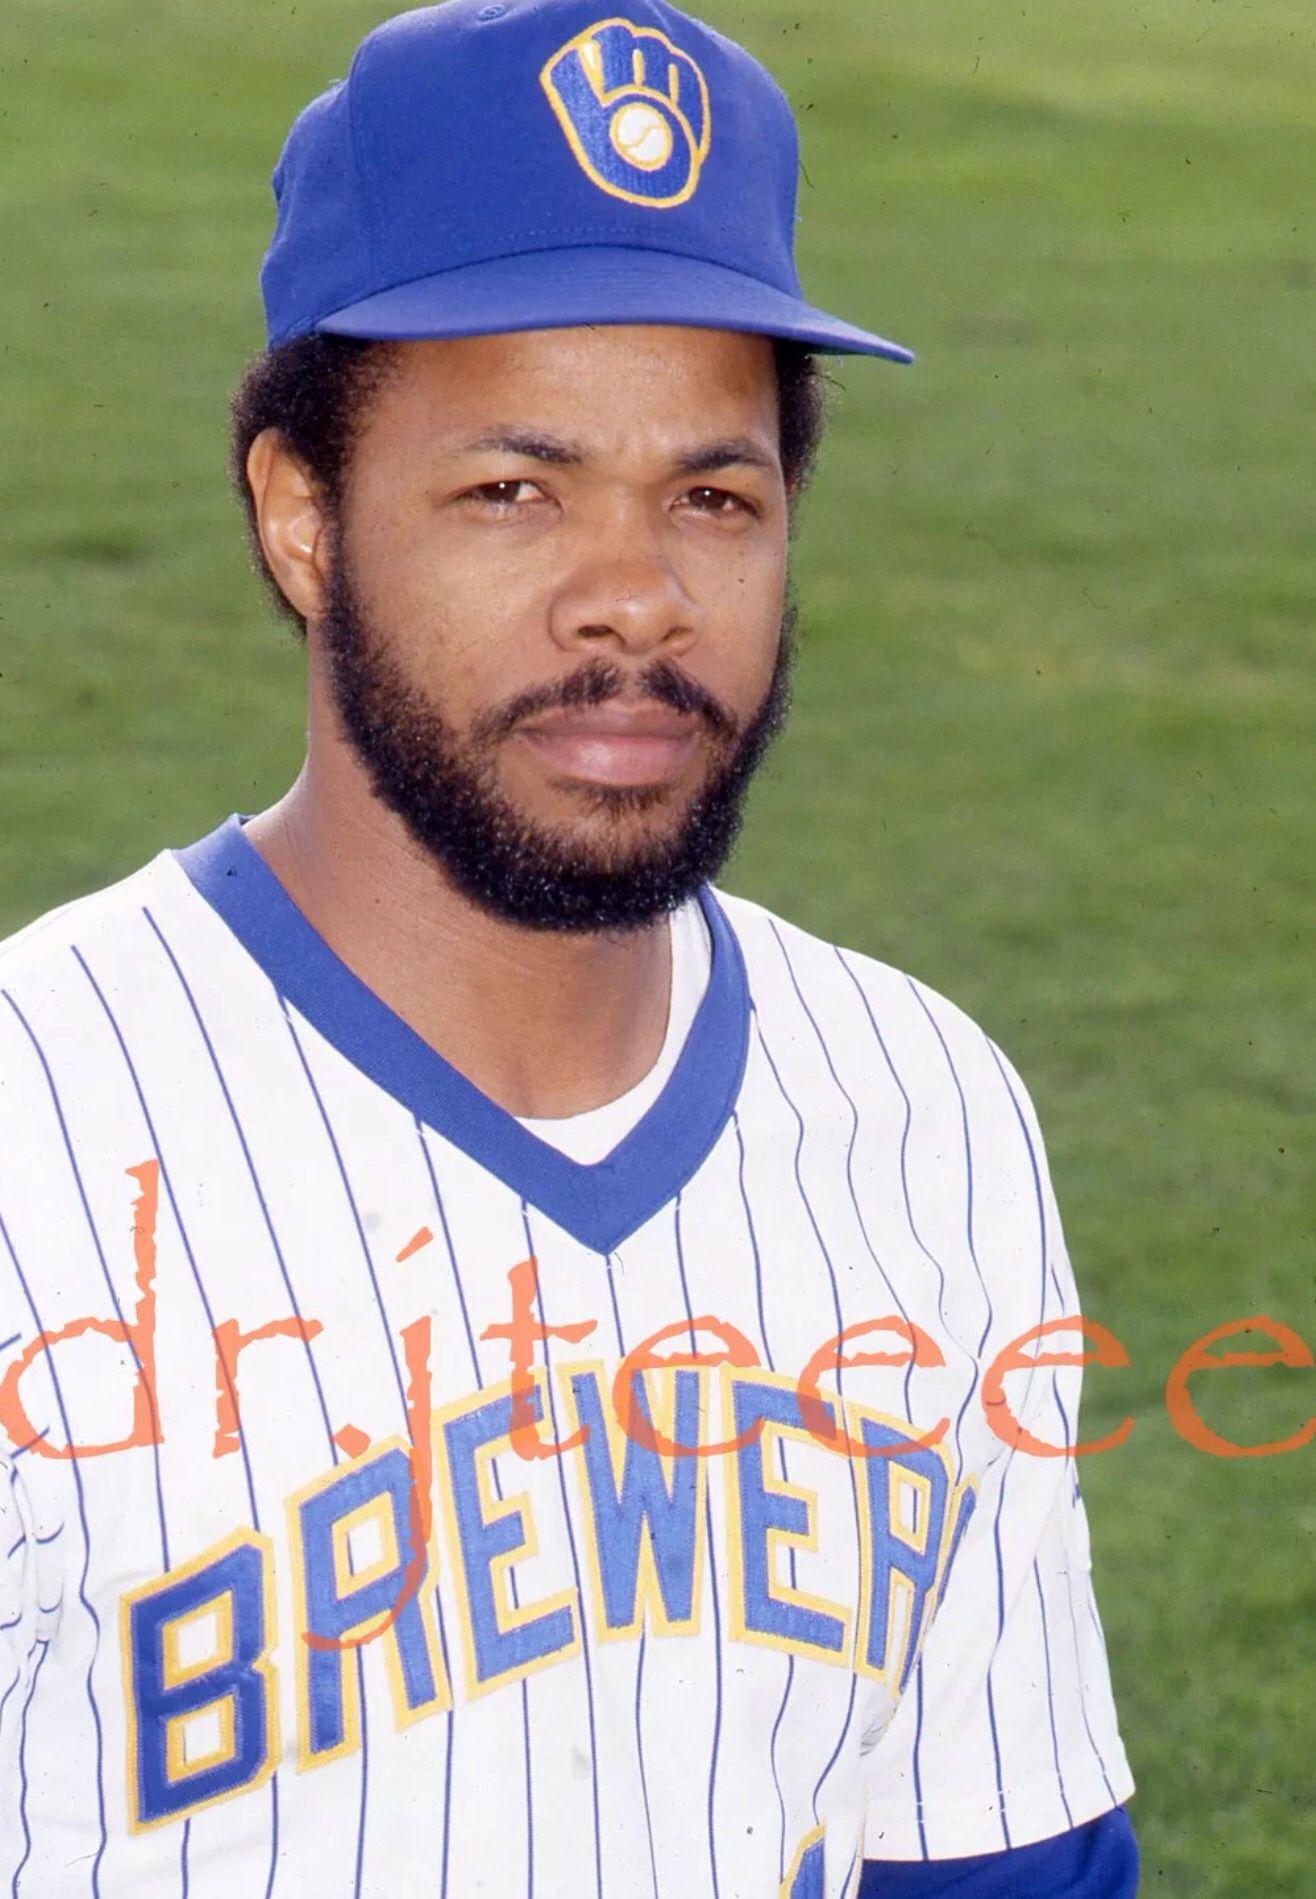 zuverlässige Leistung Beförderung ganz nett Cecil Cooper - Milwaukee Brewers | Baseball | Mlb players ...